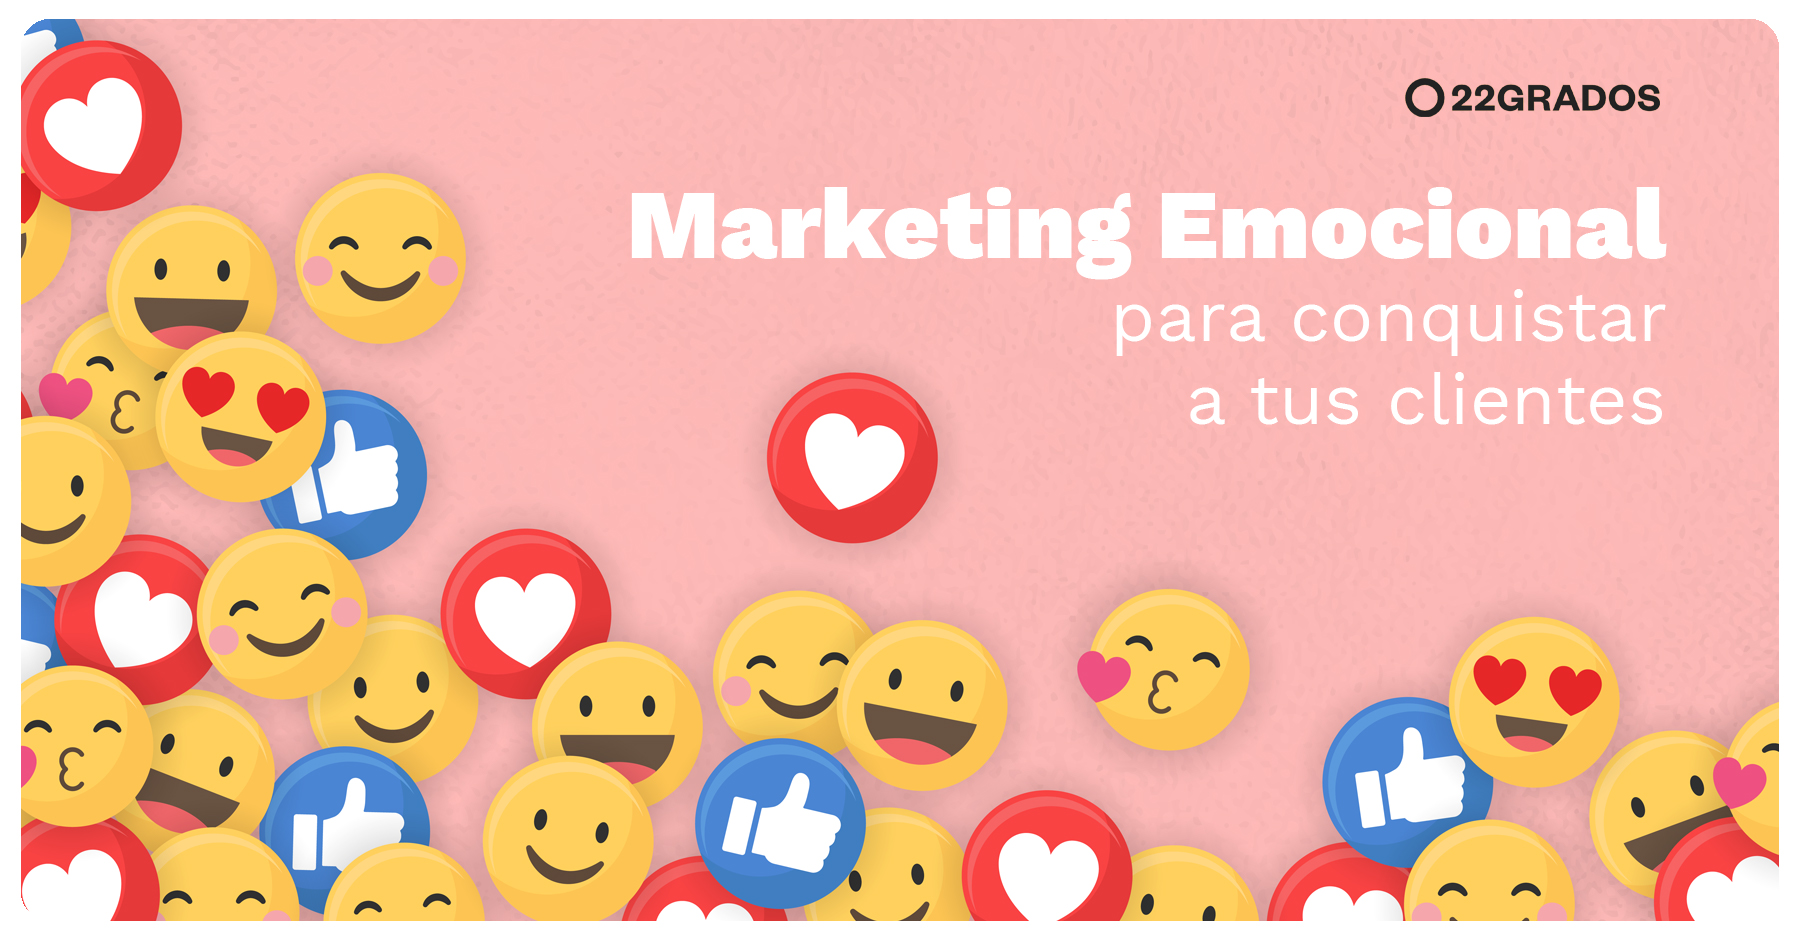 Marketing Emocional para conquistar a tus clientes